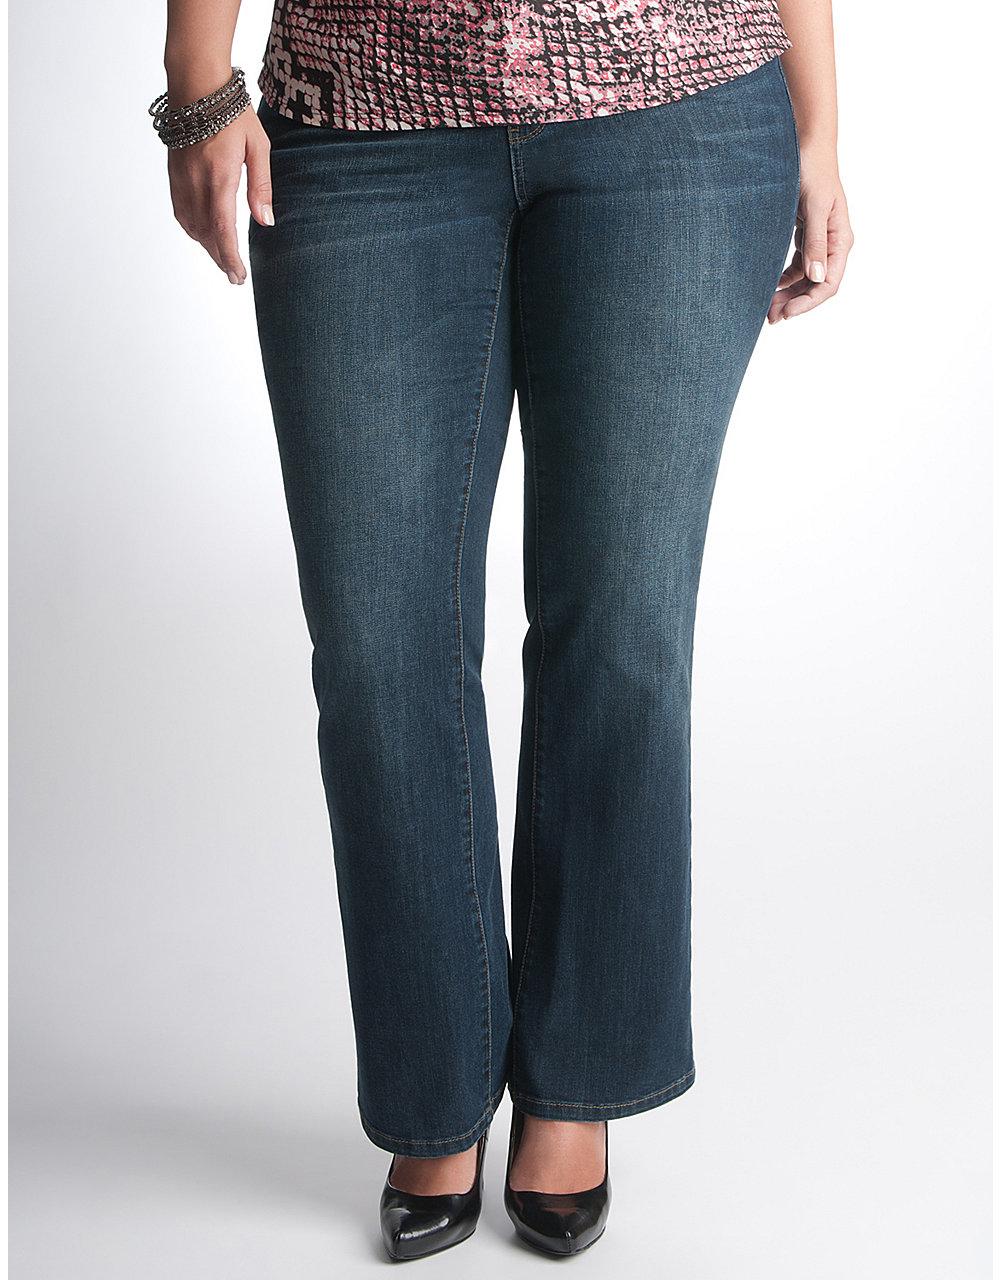 Plus Size Mercer St. Bootcut Jean by DKNY JEANS | Lane Bryant